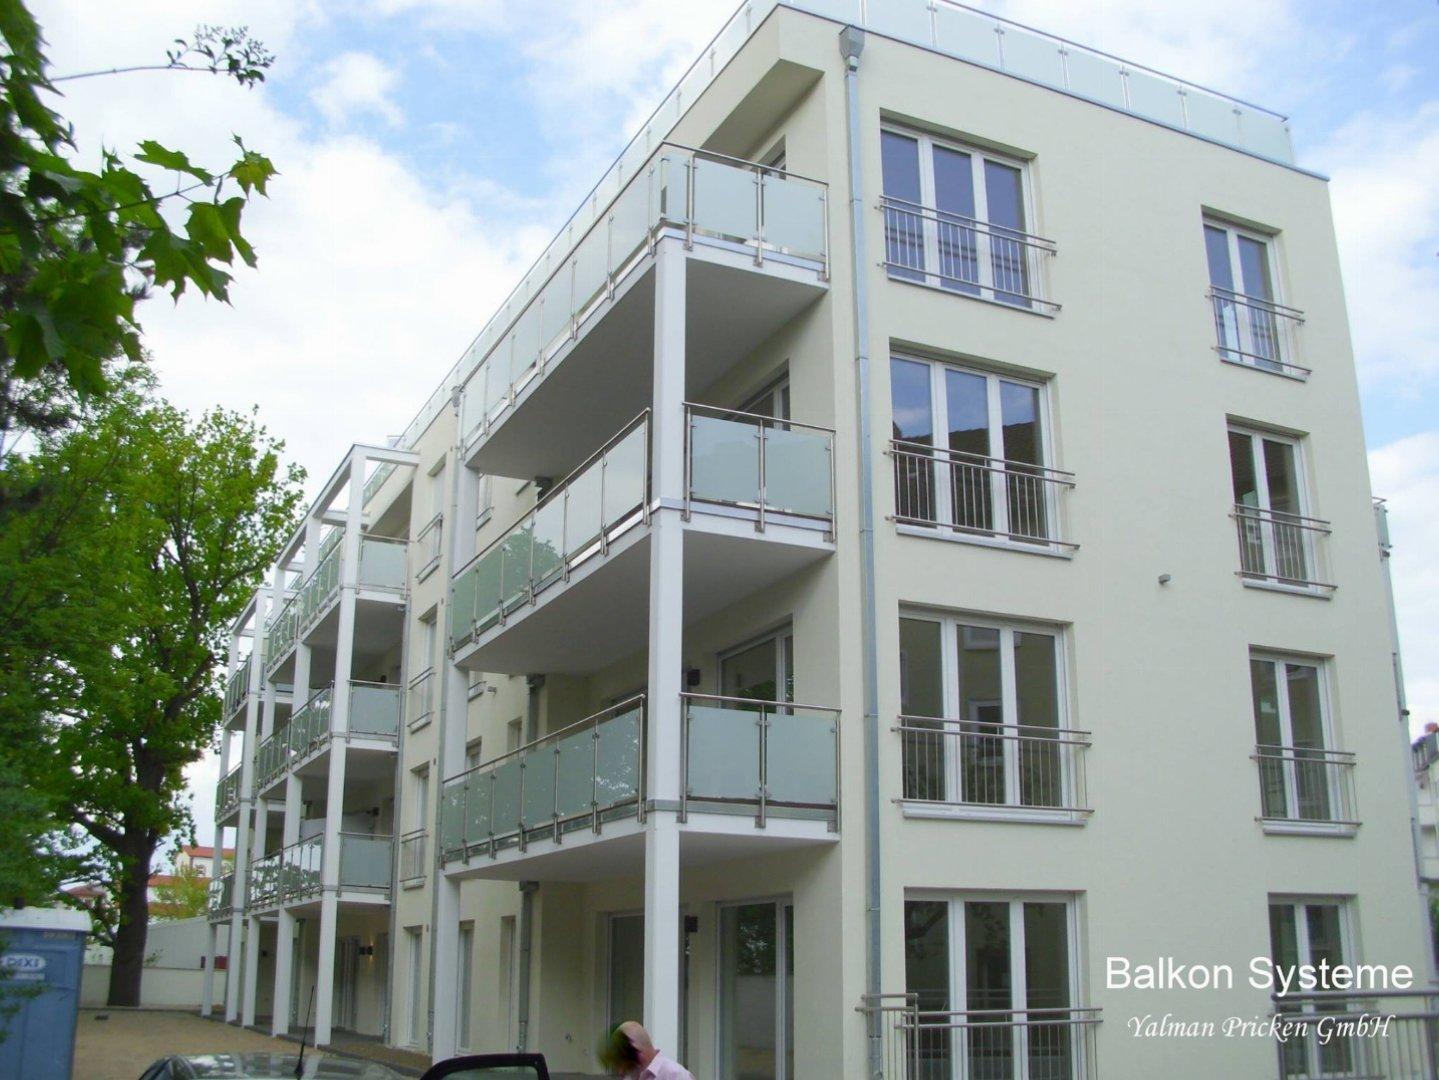 YALMAN-PRICKEN GmbH in 38106 Braunschweig